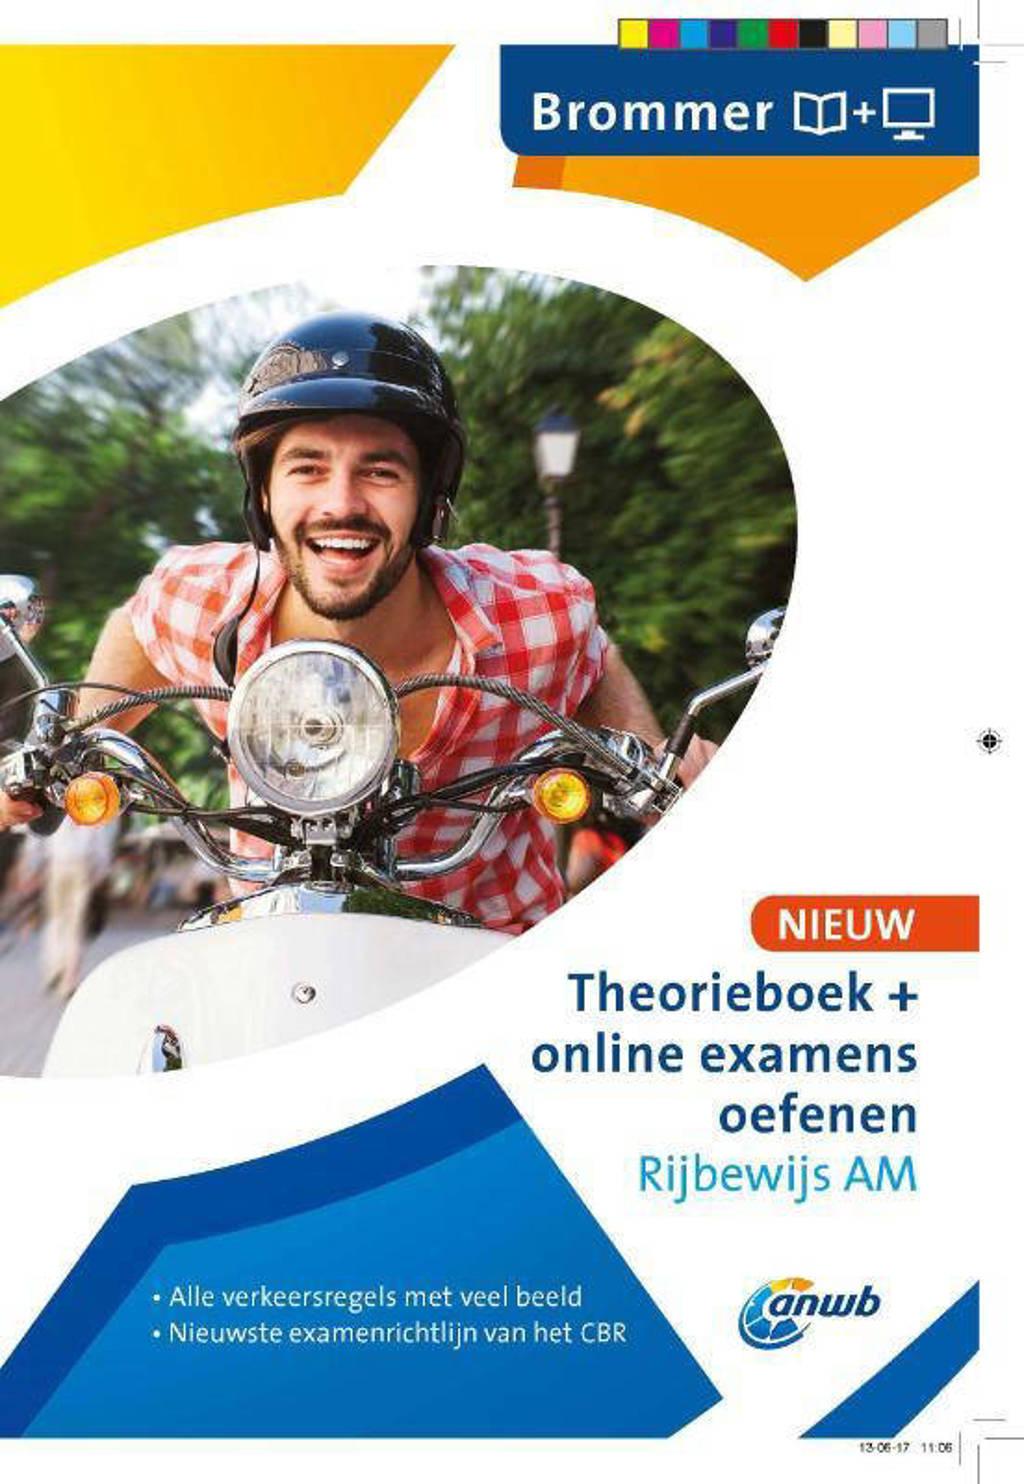 Theorieboek+online examens oefenen Rijbewijs AM - Brommer - ANWB